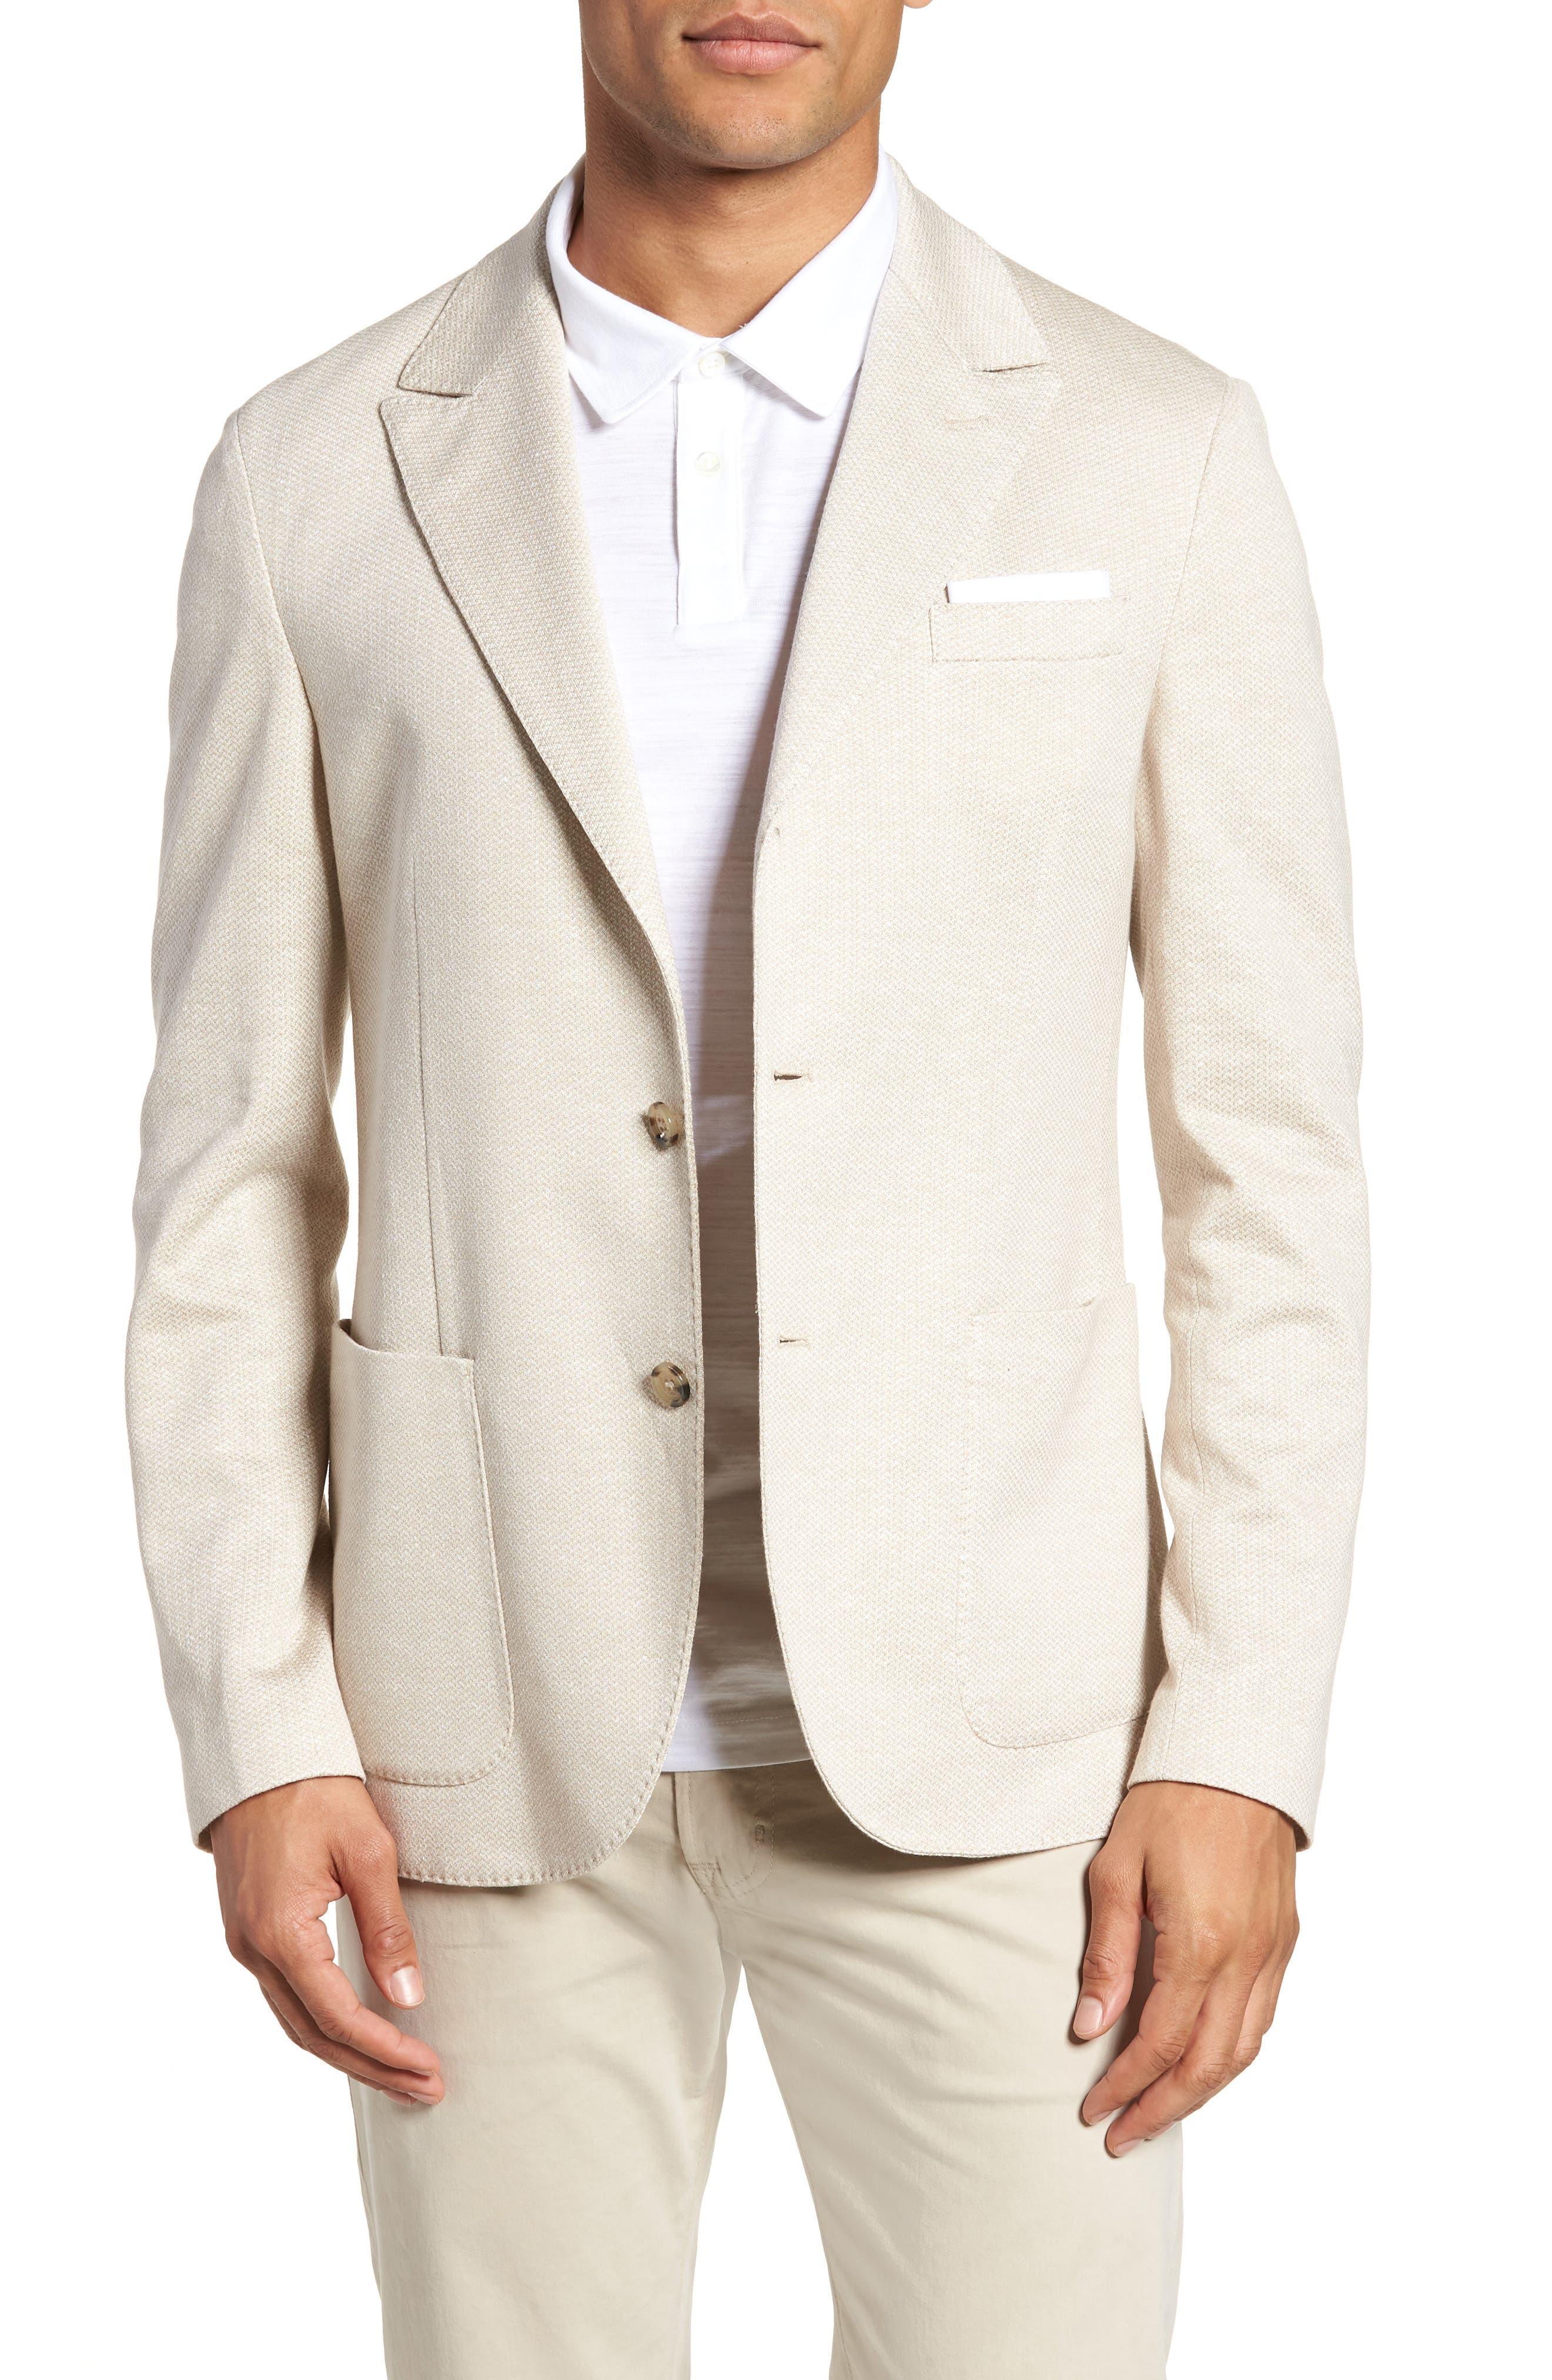 Jersey Trim Fit Linen & Cotton Blazer,                             Main thumbnail 1, color,                             Sand